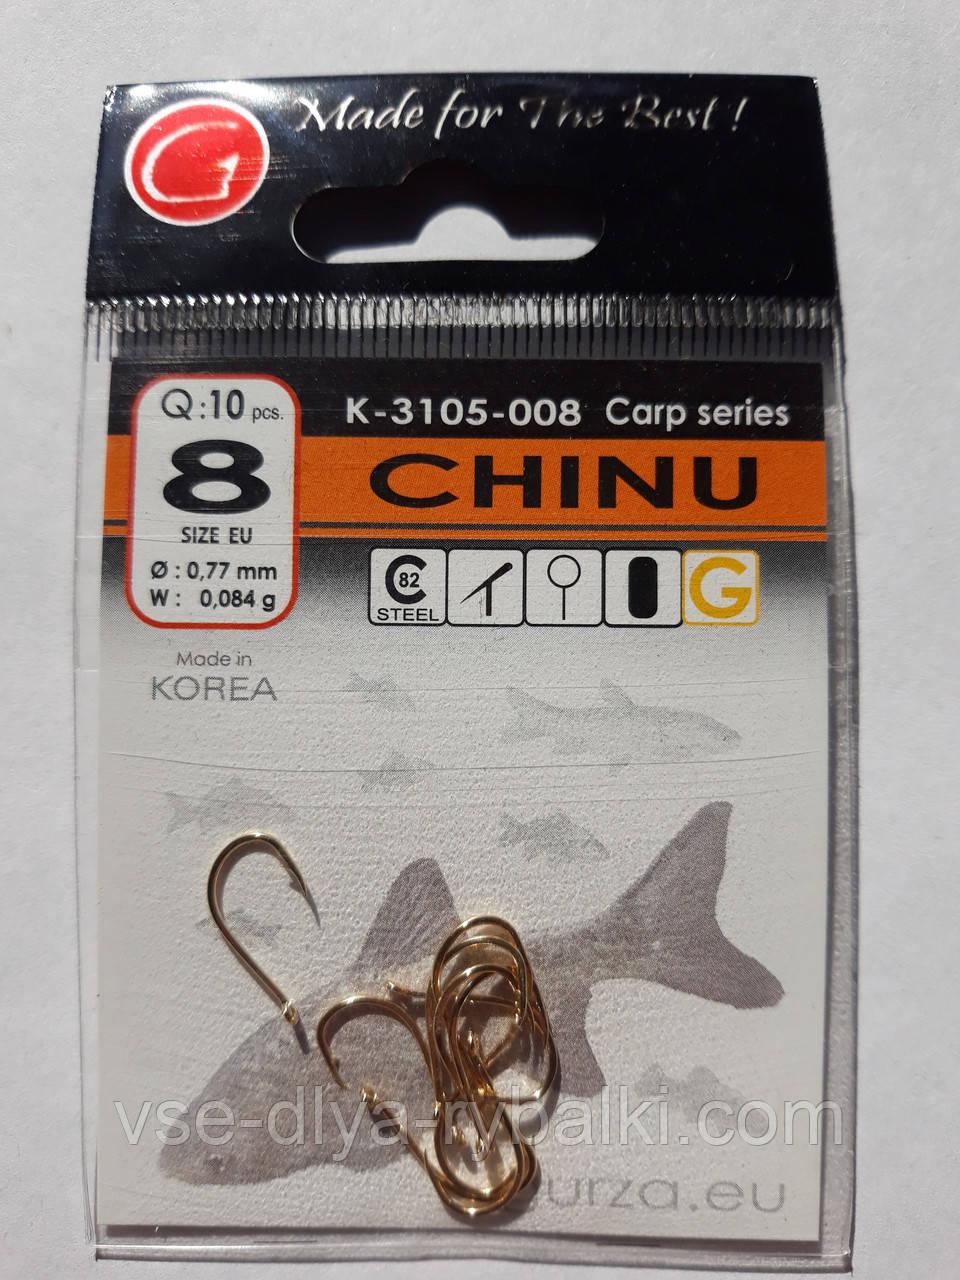 Крючки Gurza chinu gold № 8